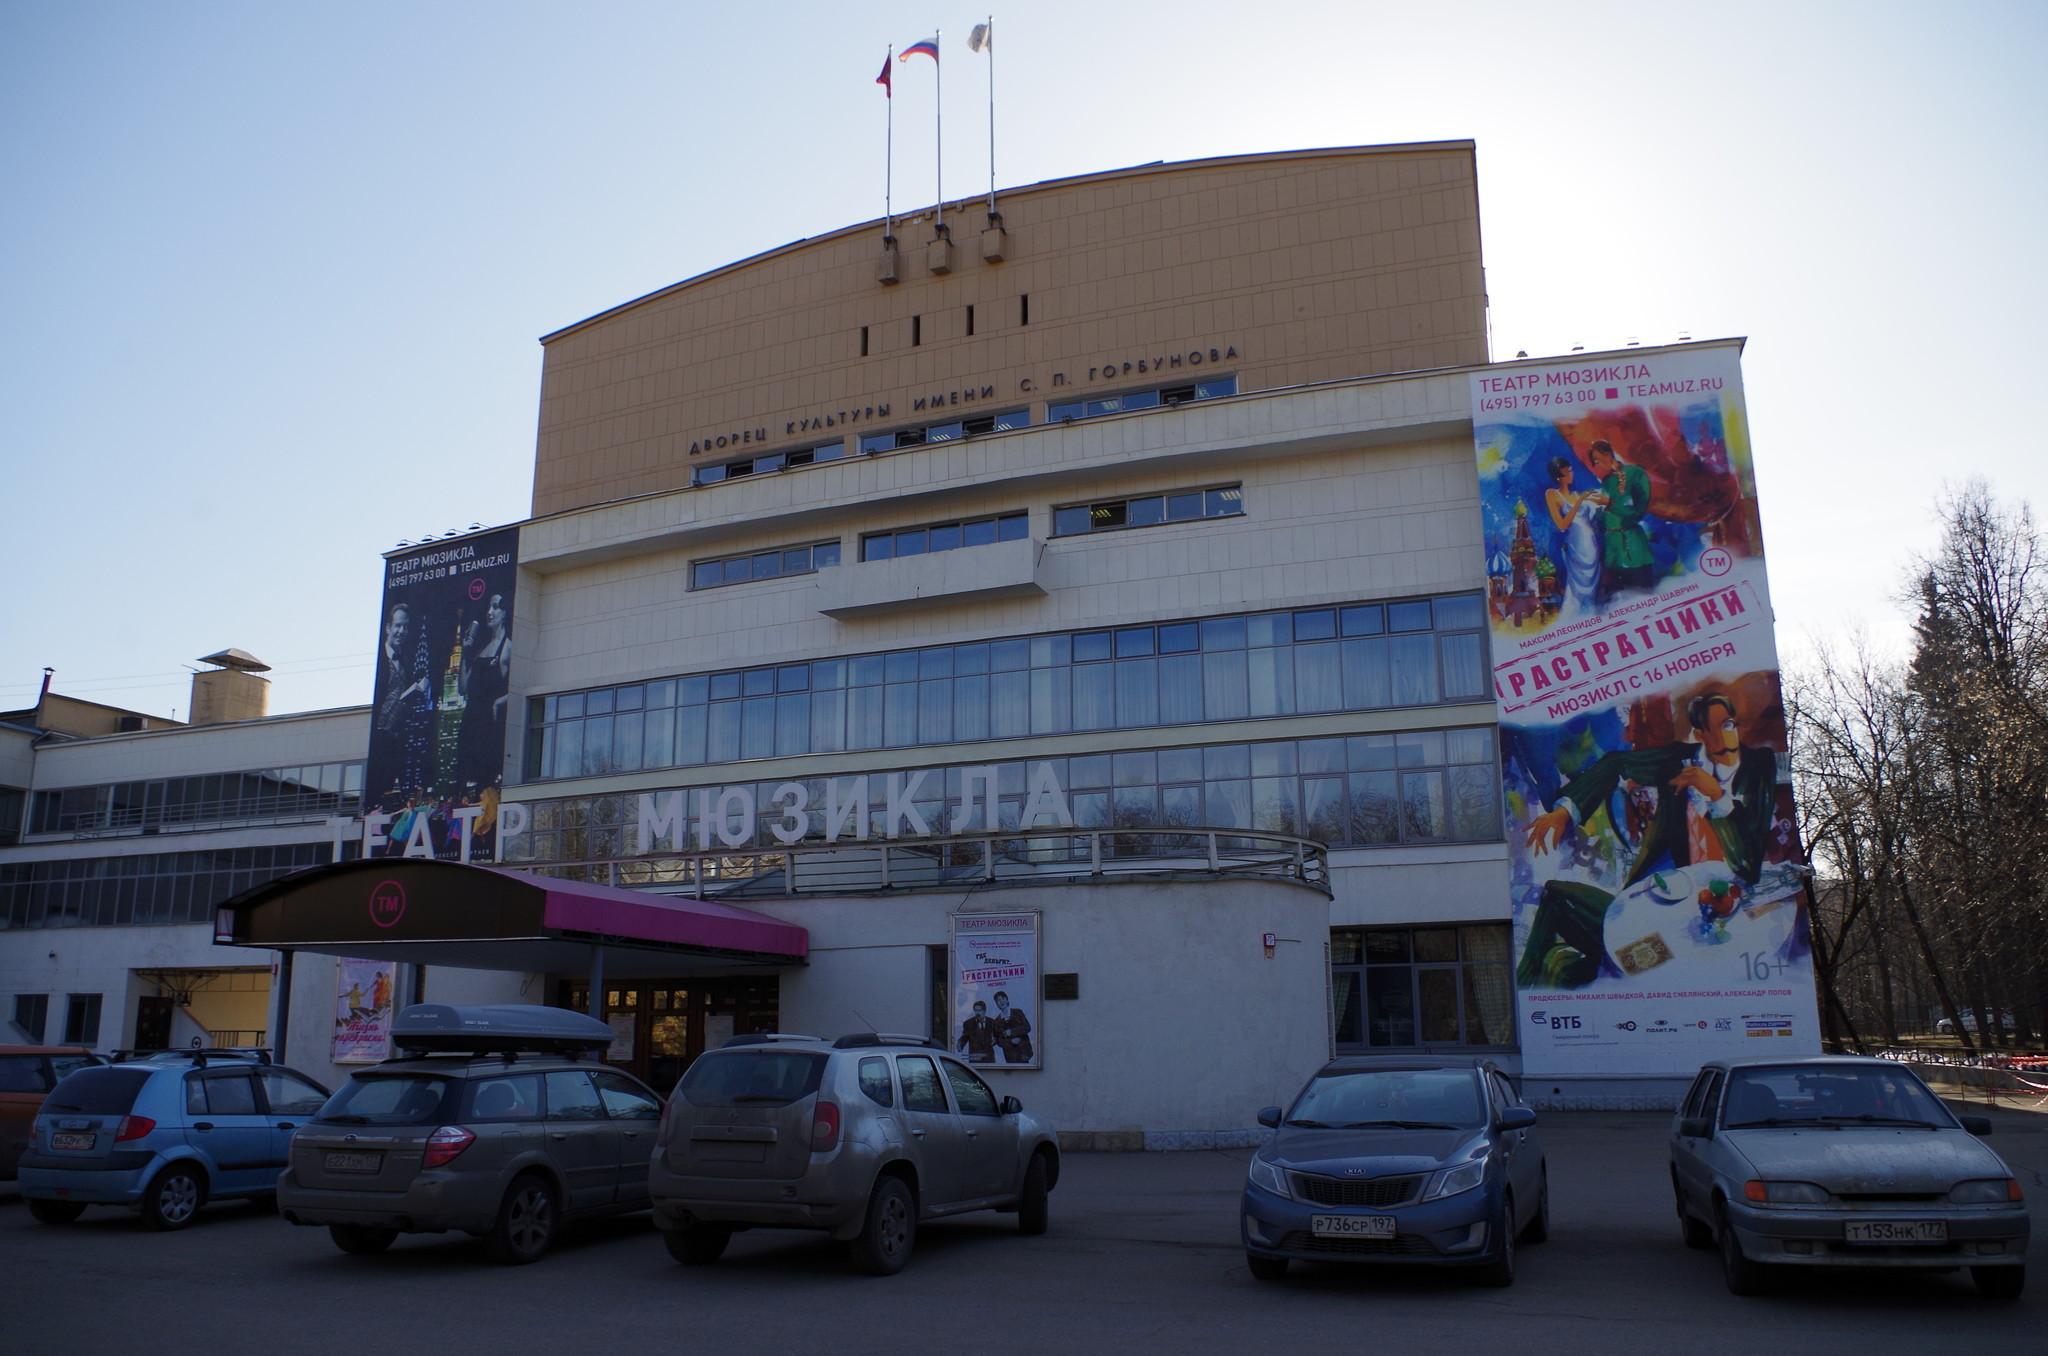 Дворец культуры имени С.П. Горбунова (улица Новозаводская, дом 27)